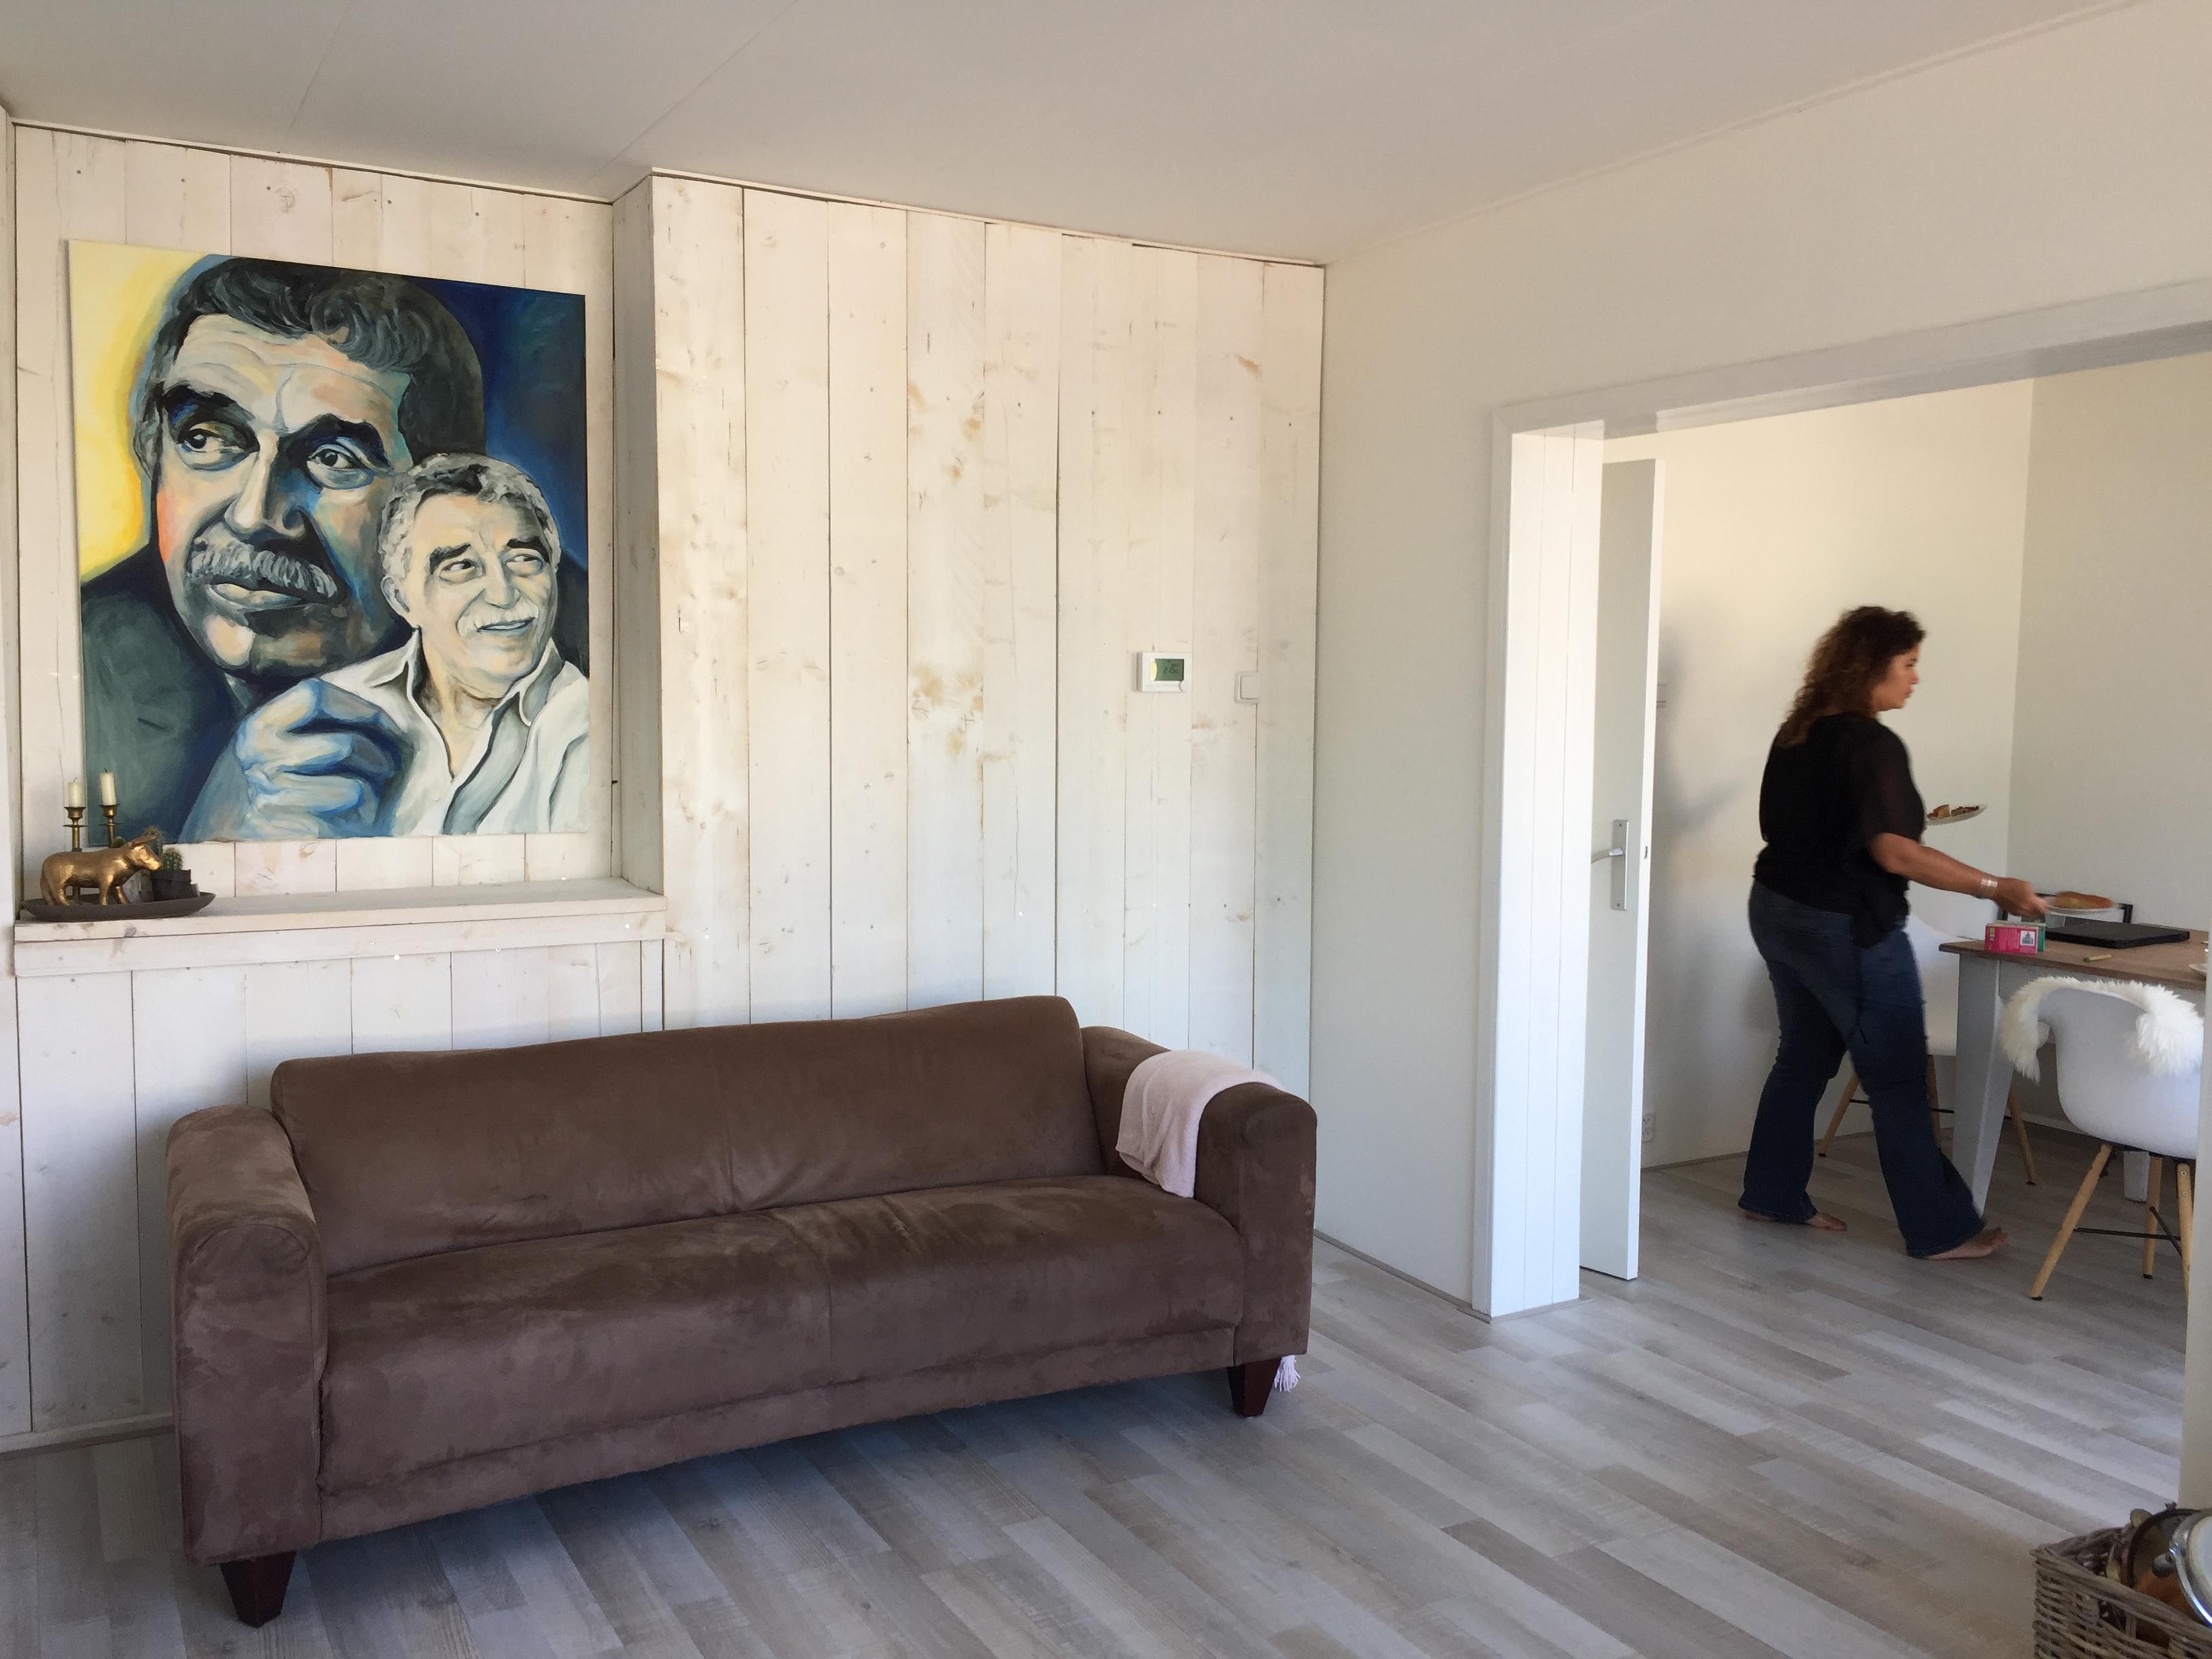 Schilderij bij klant aan de muur